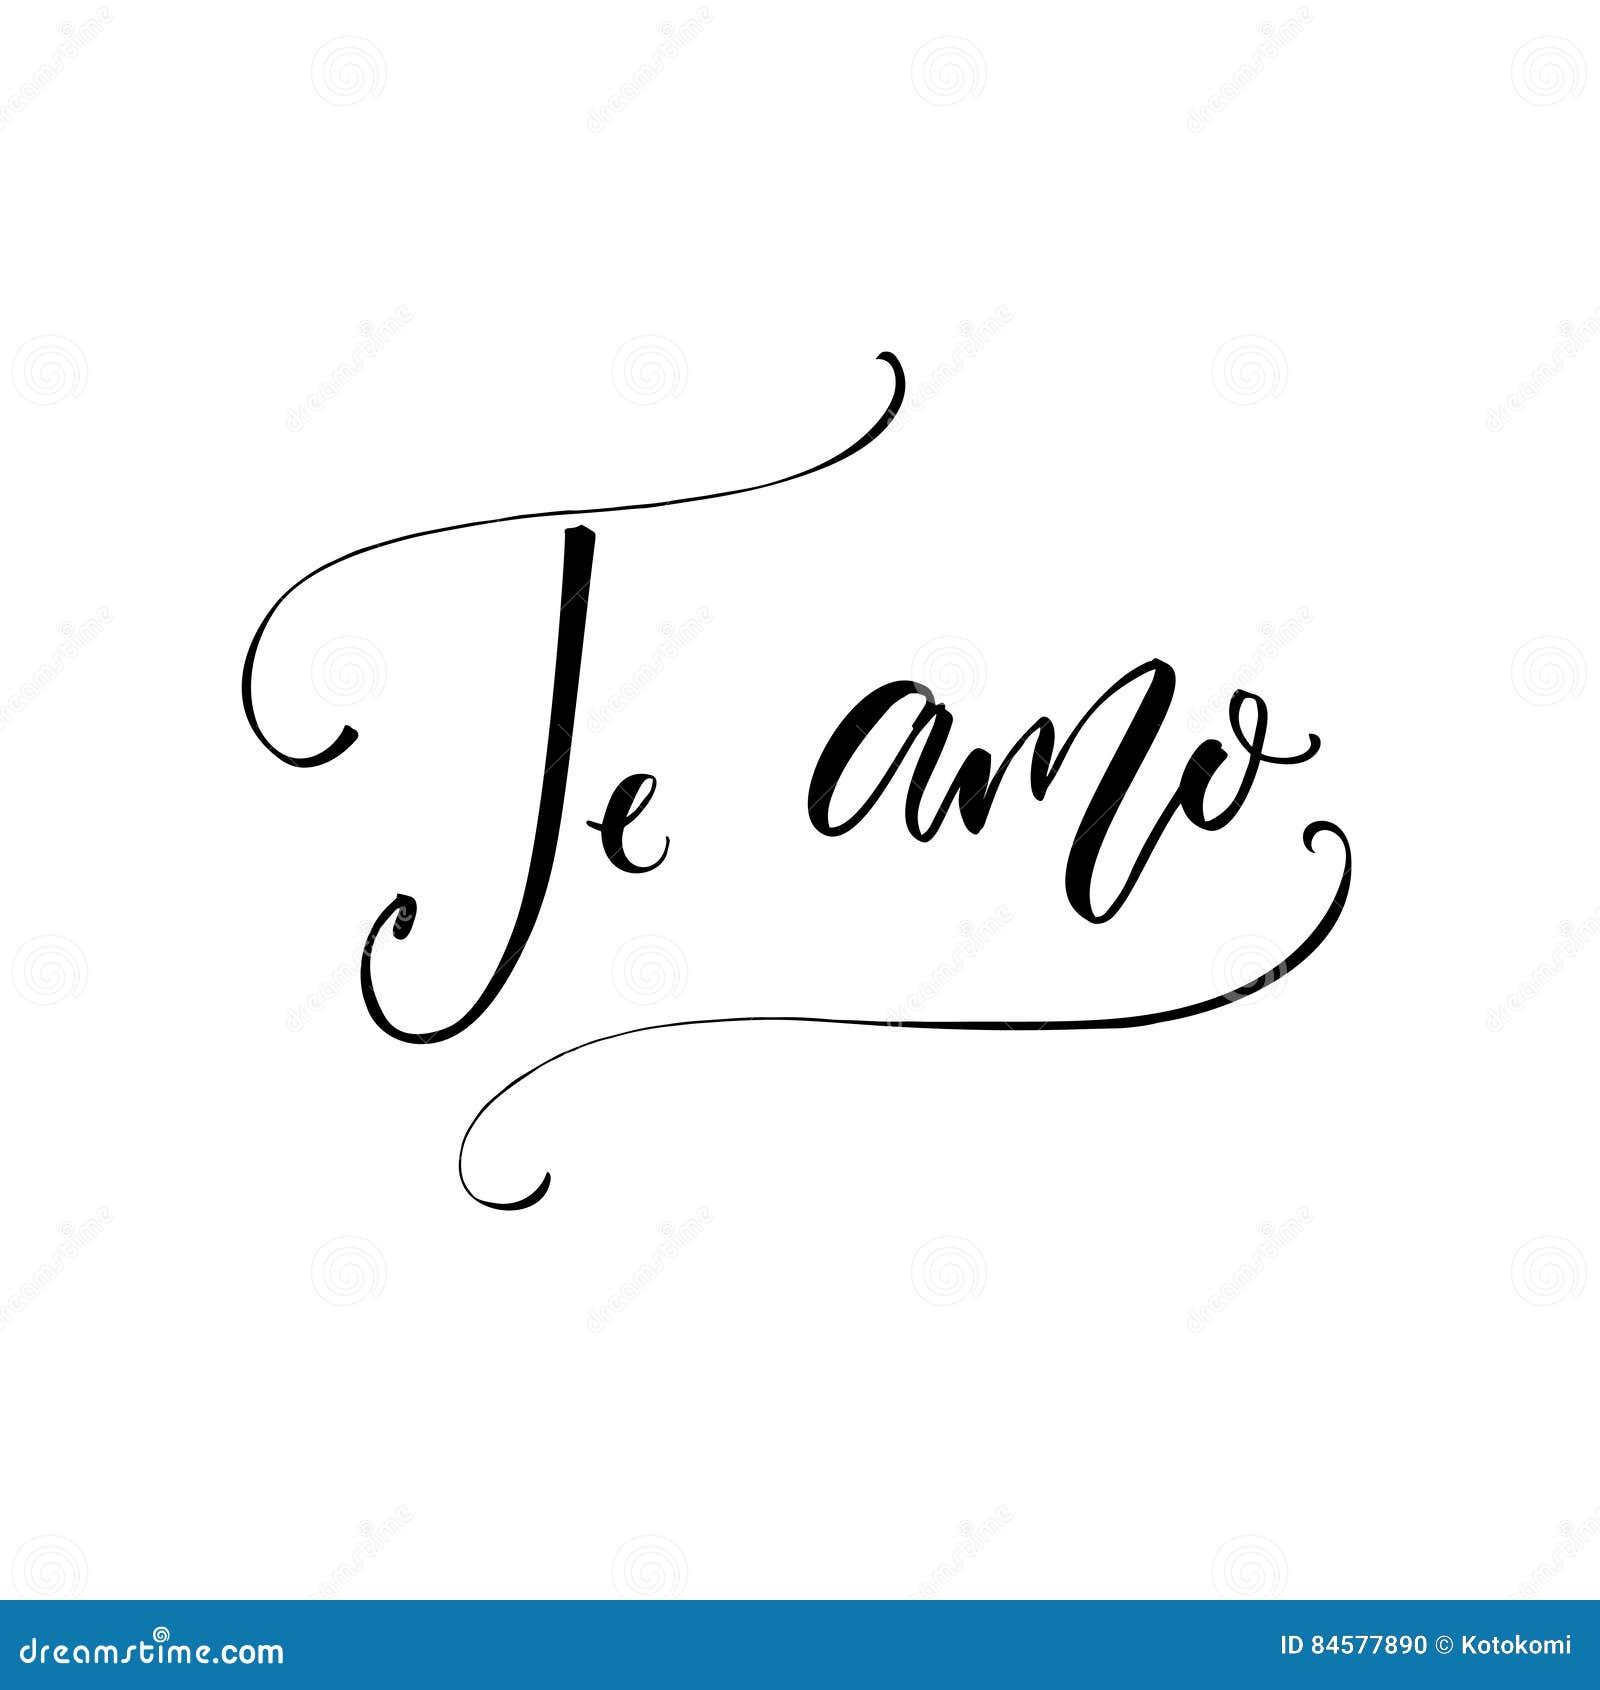 Te amo i love you in spanish language modern